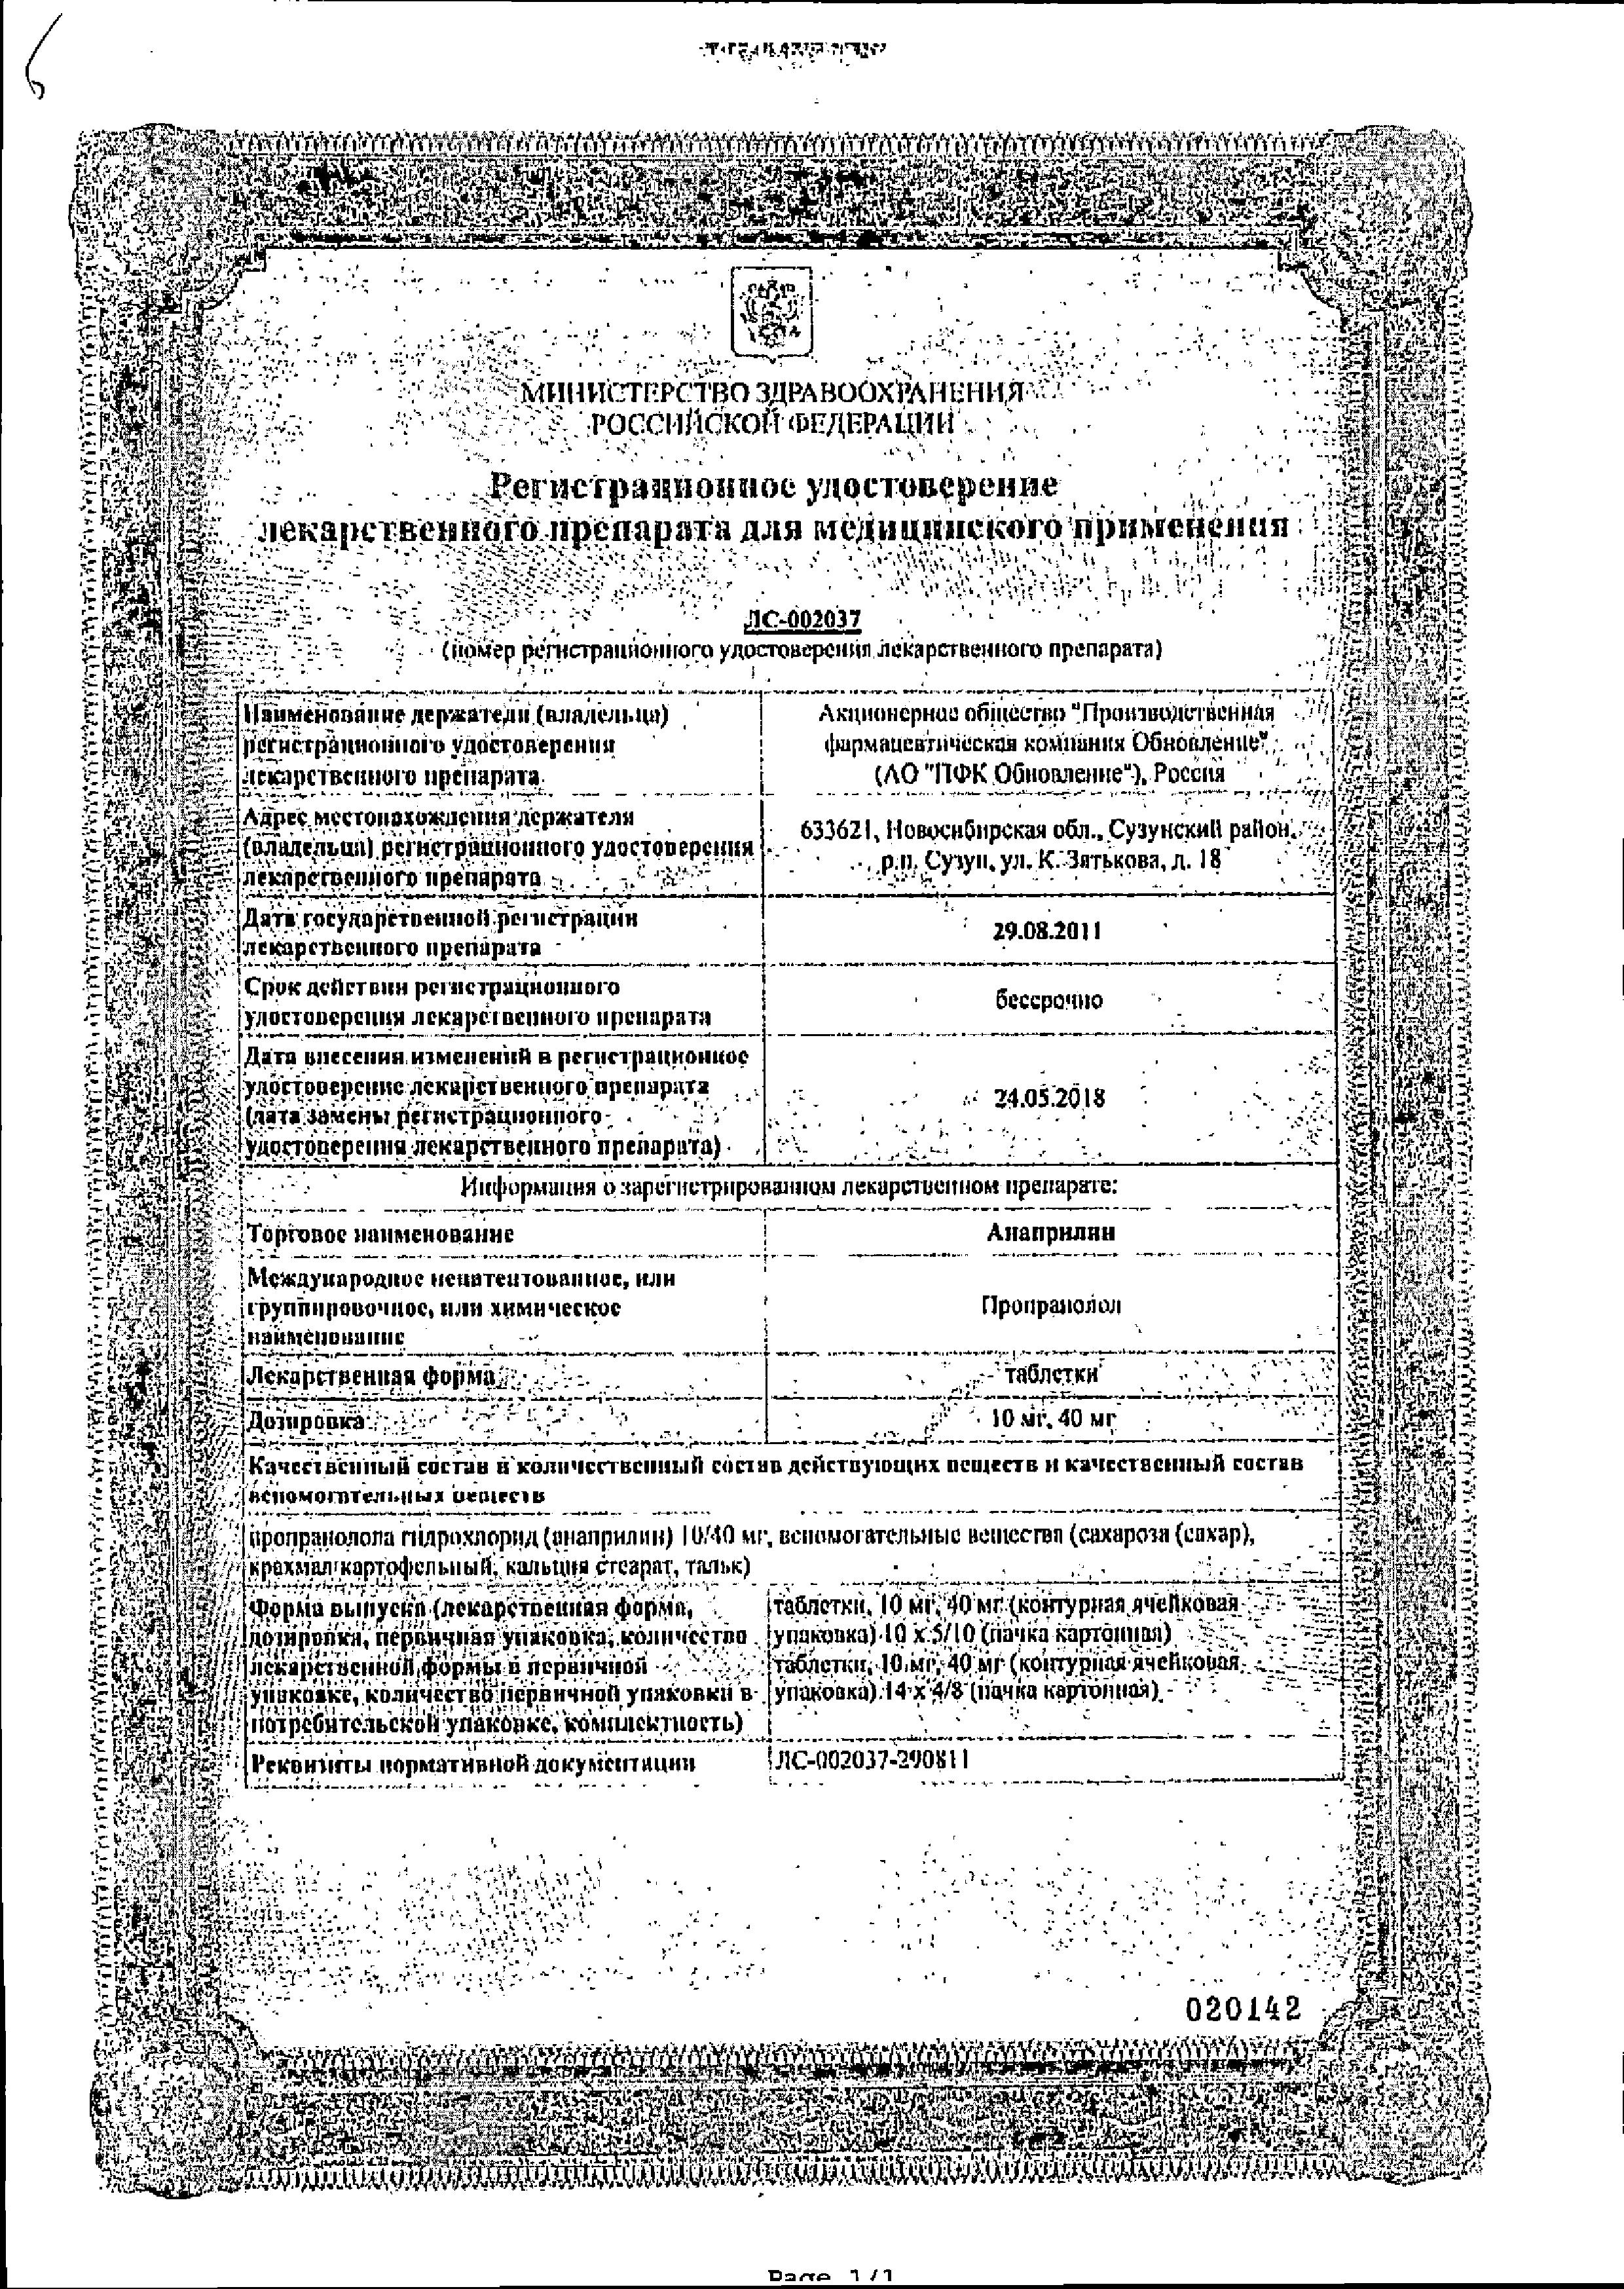 Анаприлин сертификат